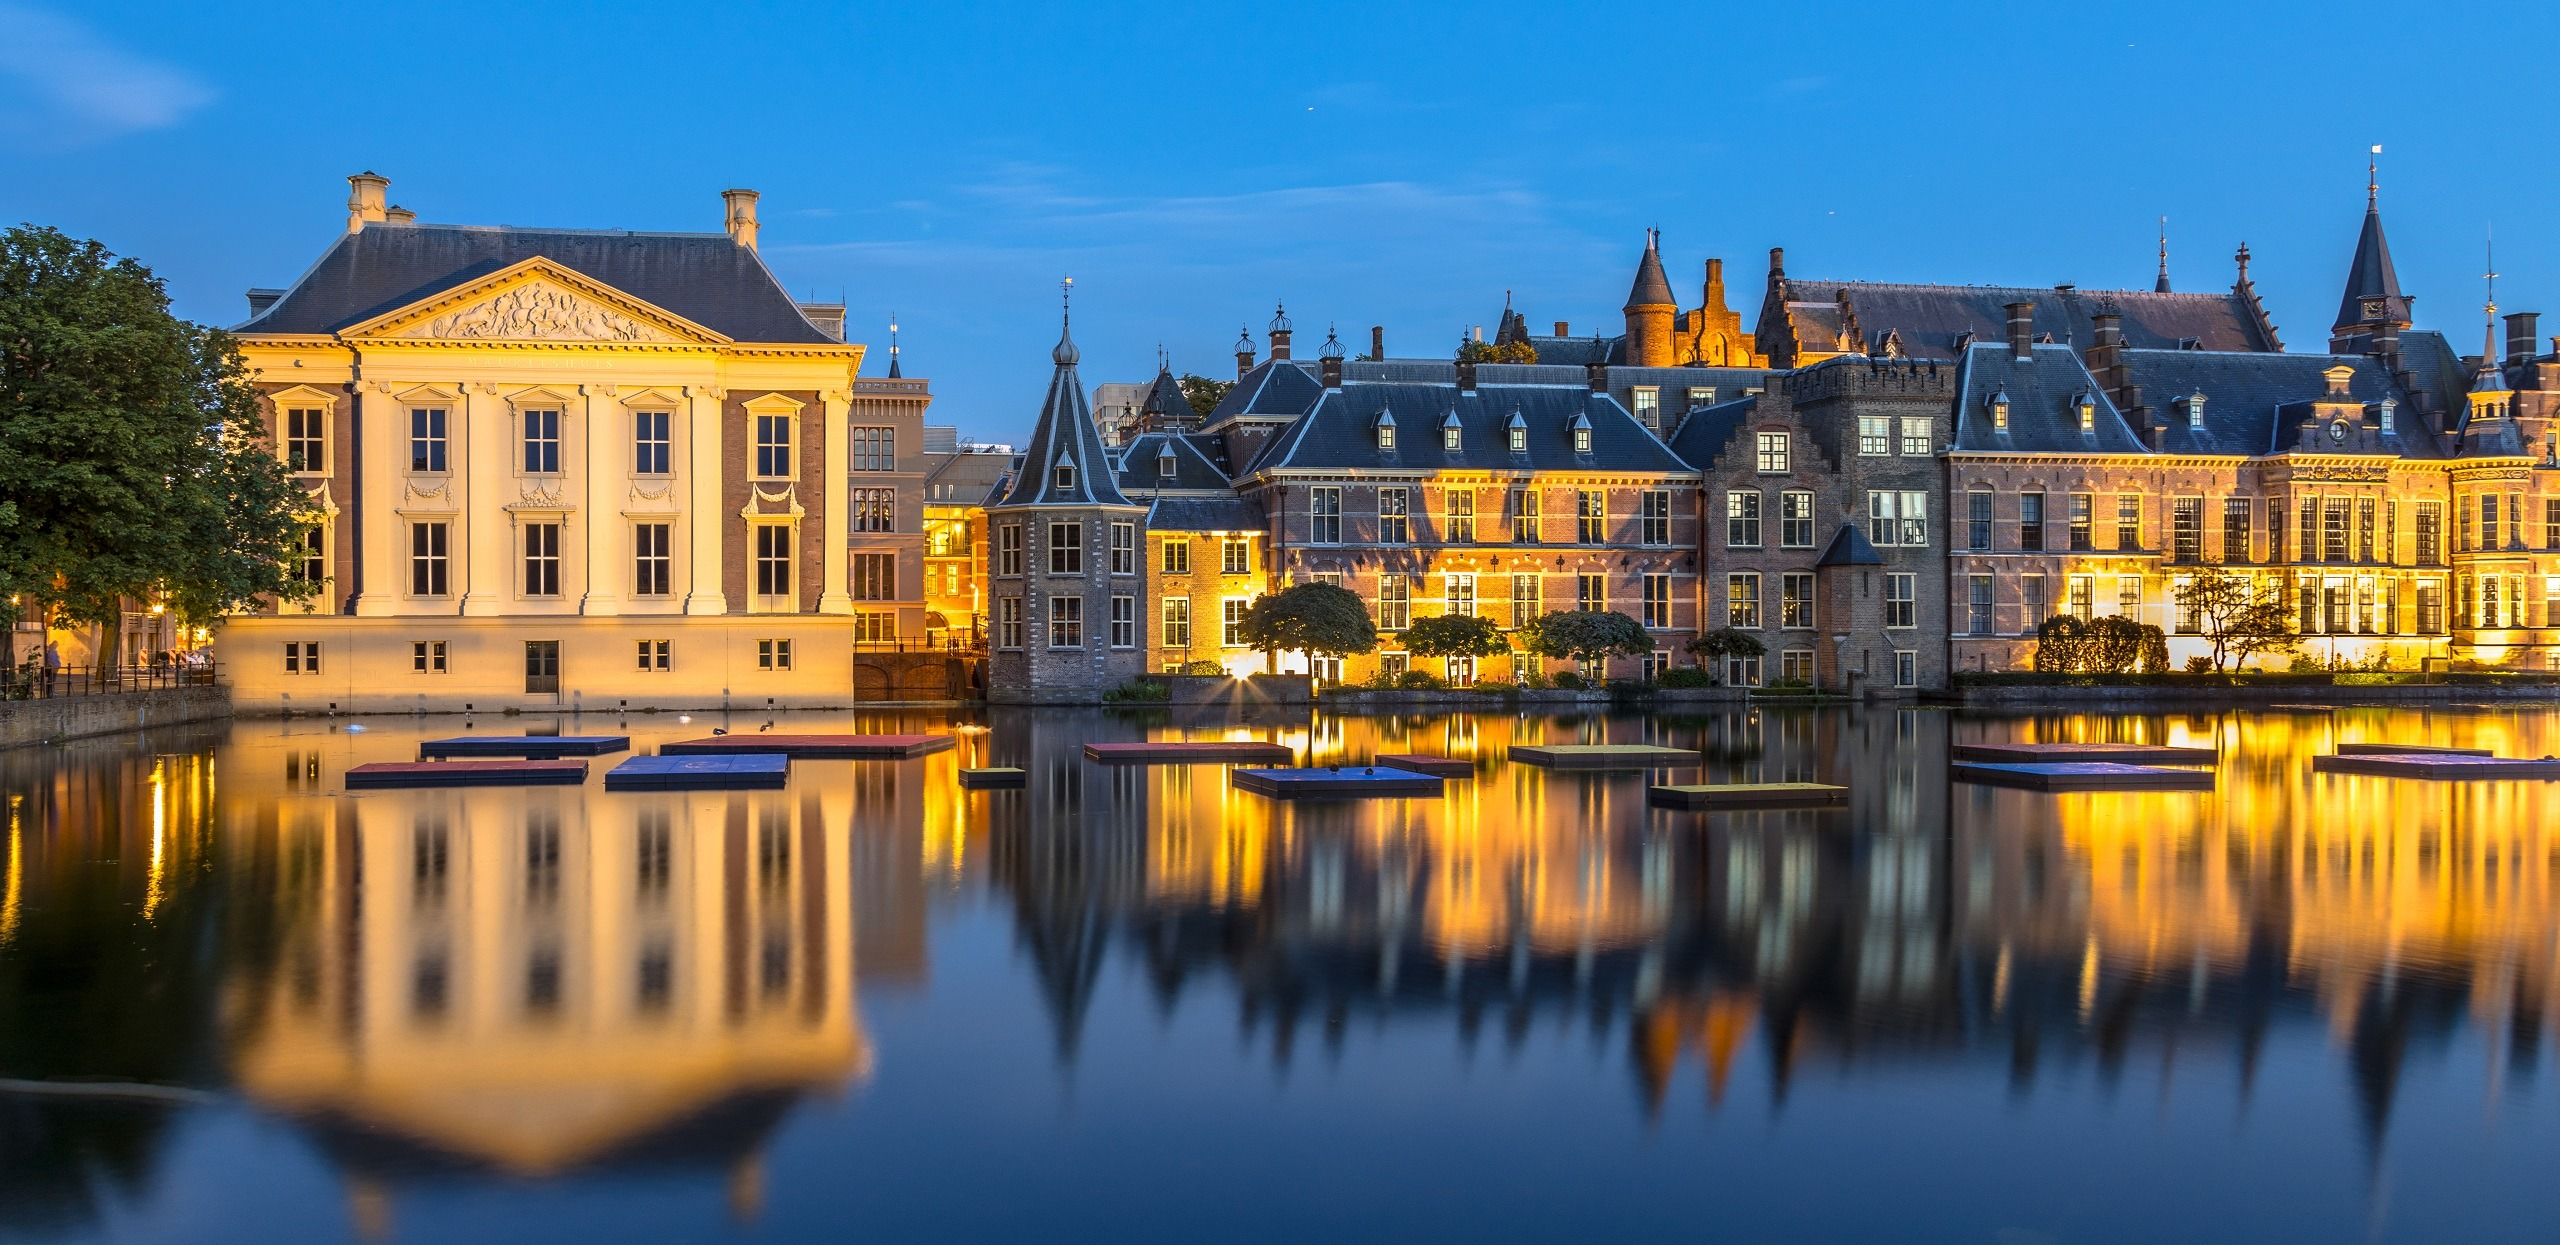 Avond Binnenhof Den Haag